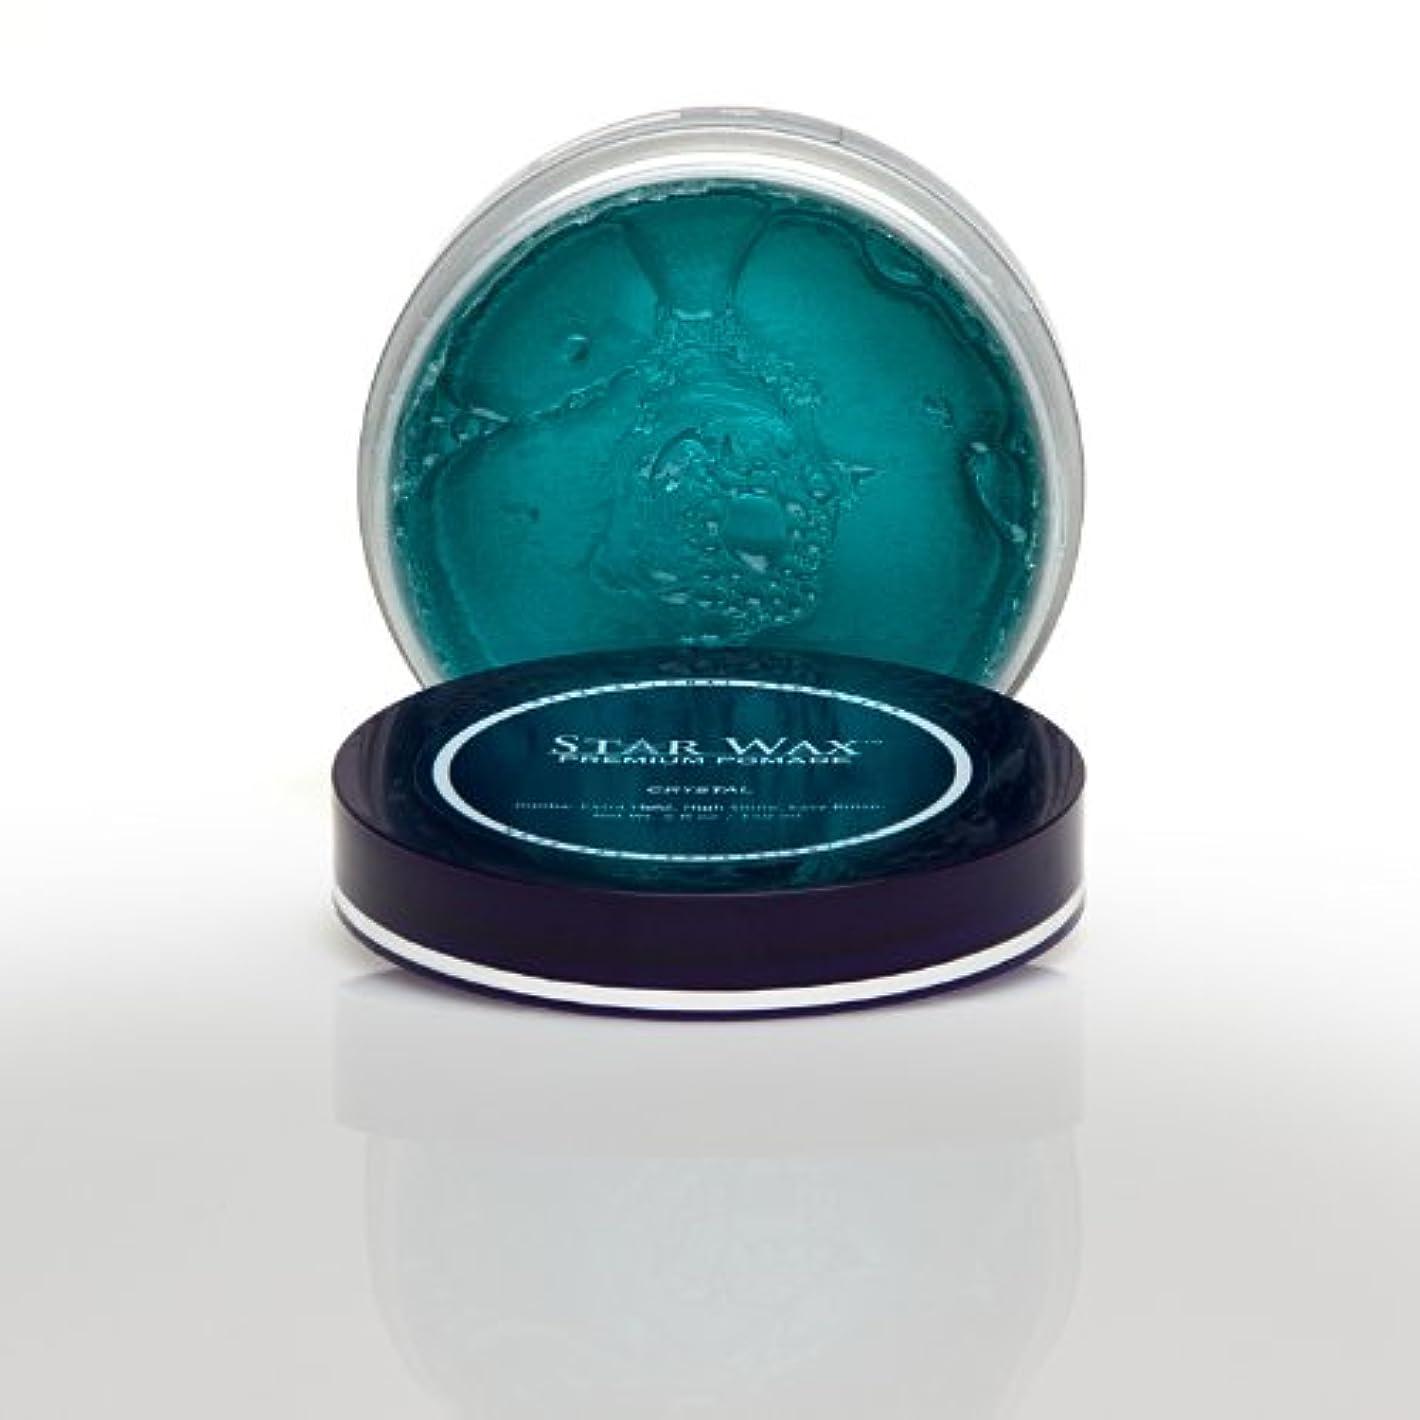 言うまでもなく意味のあるリボンStar Wax   Premium Pomade, Crystal(スターワックスプレミアム ポマード「クリスタル」)?Star Pro Line(スタープロライン)製?5(液量)オンス/150ml